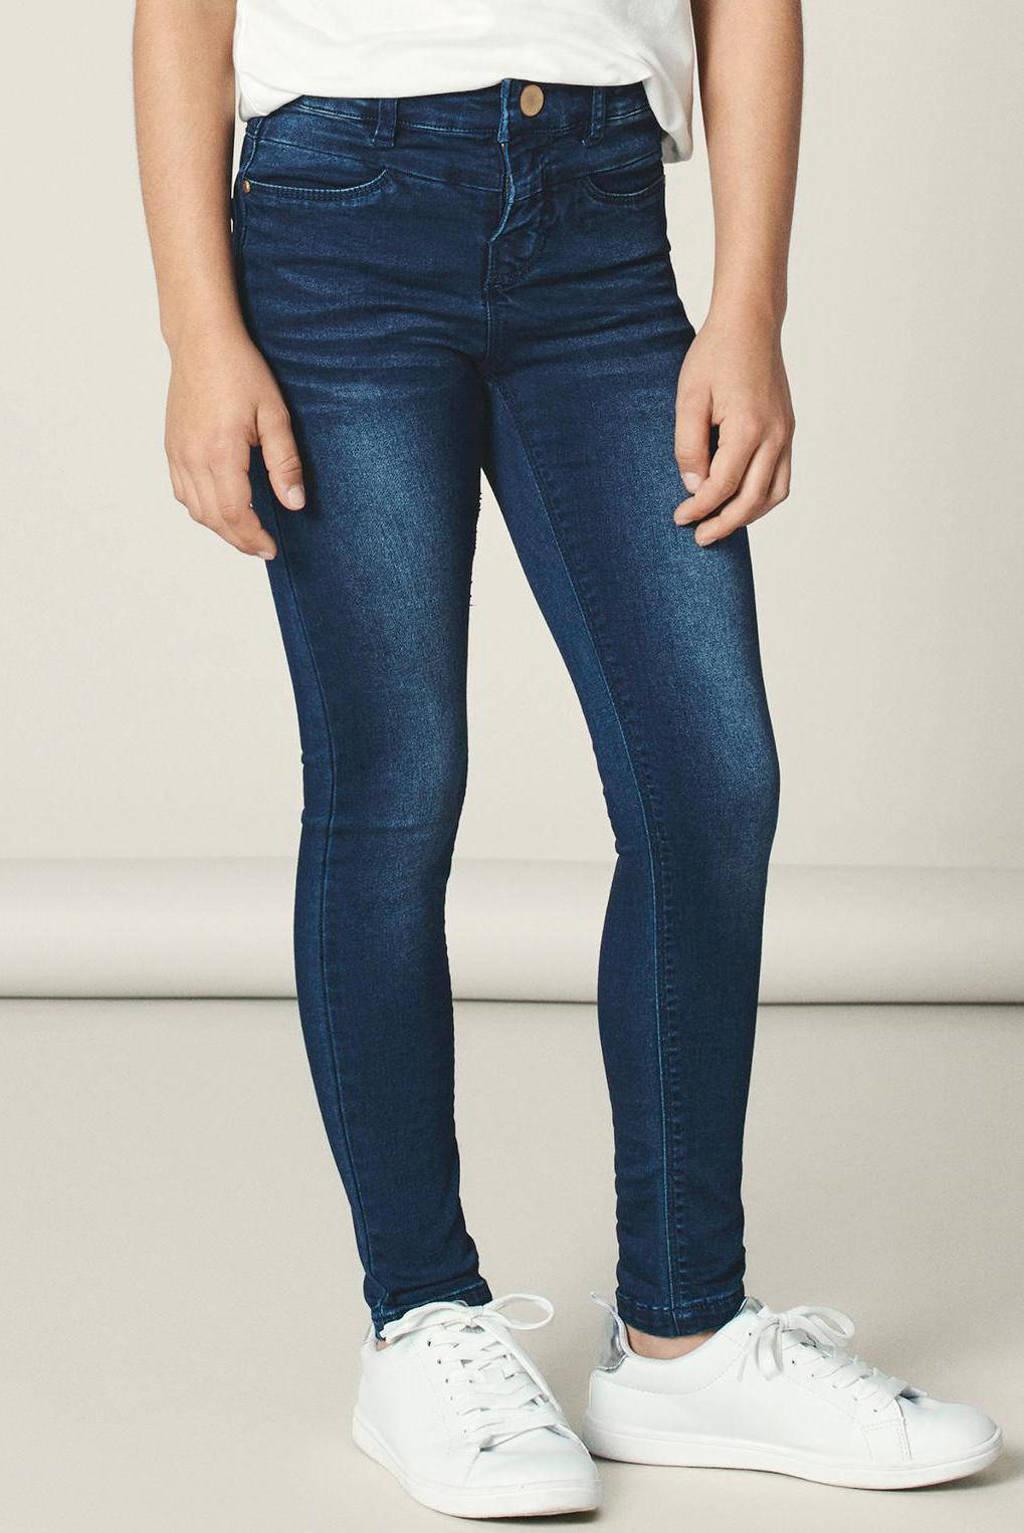 NAME IT KIDS skinny fit jeans NKFPOLLY dark denim, dark denim blue